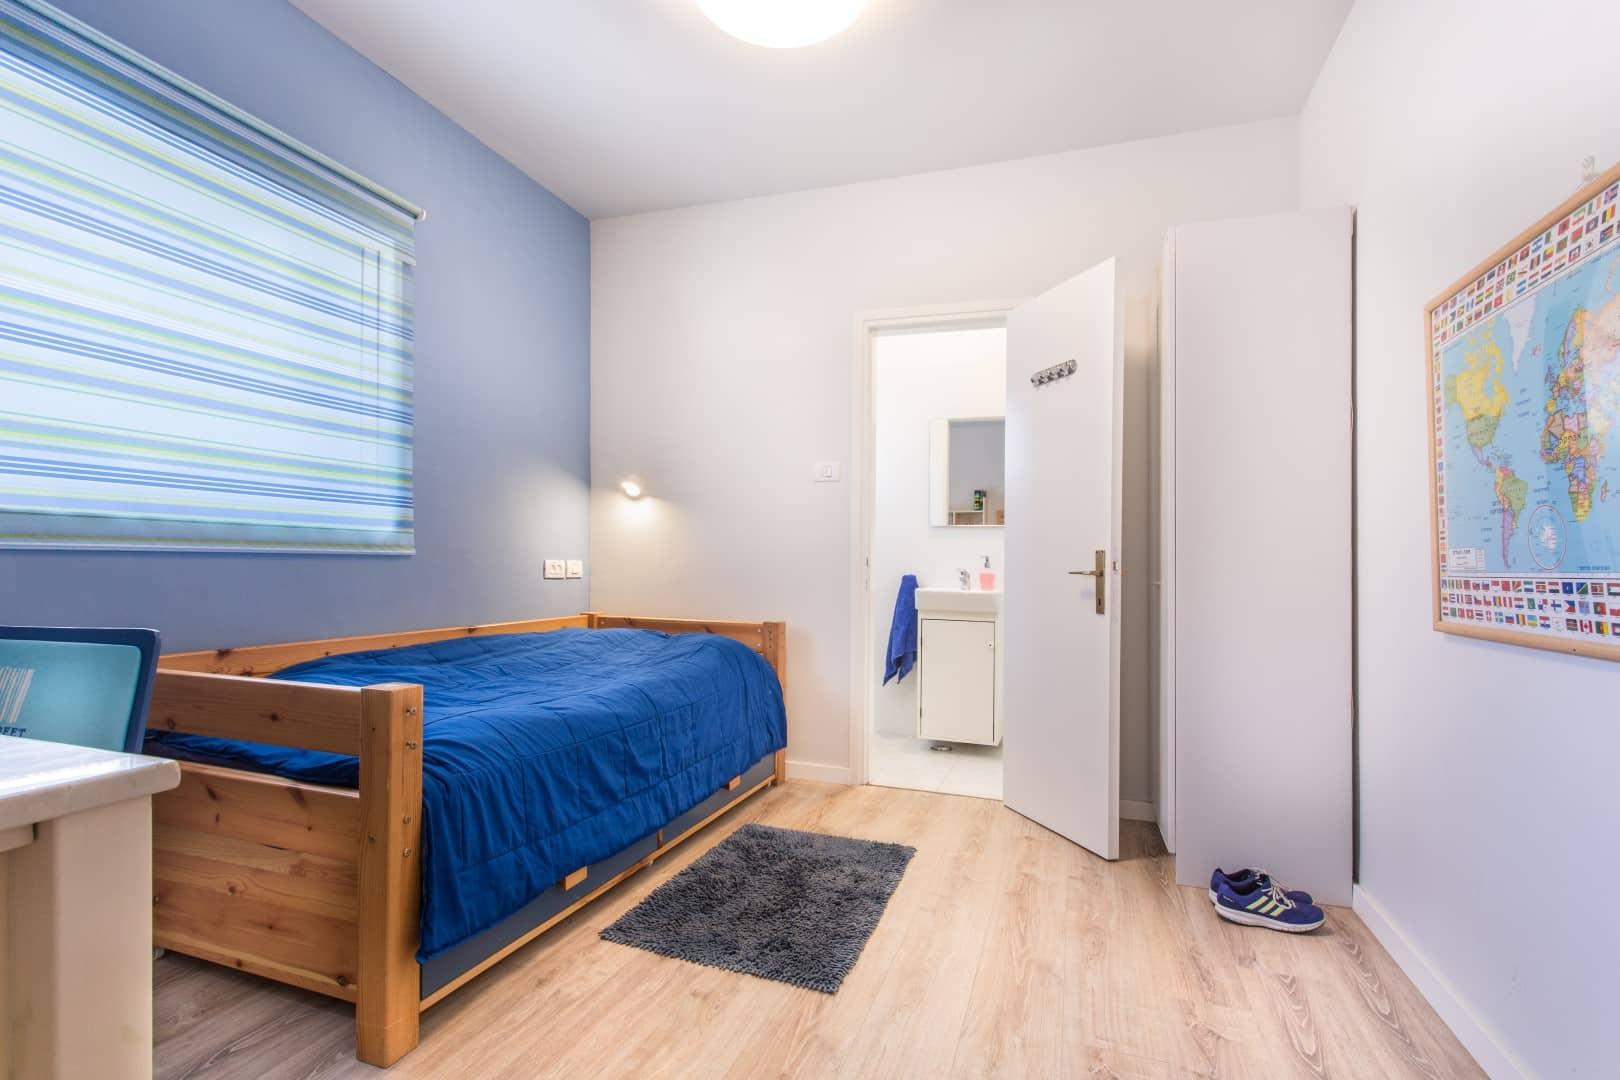 עיצוב חדרים לאירוח, חדר שינה לאורחים עם מקלחת נפרדת, ענבל קרקו עיצוב פנים ופנג שואי